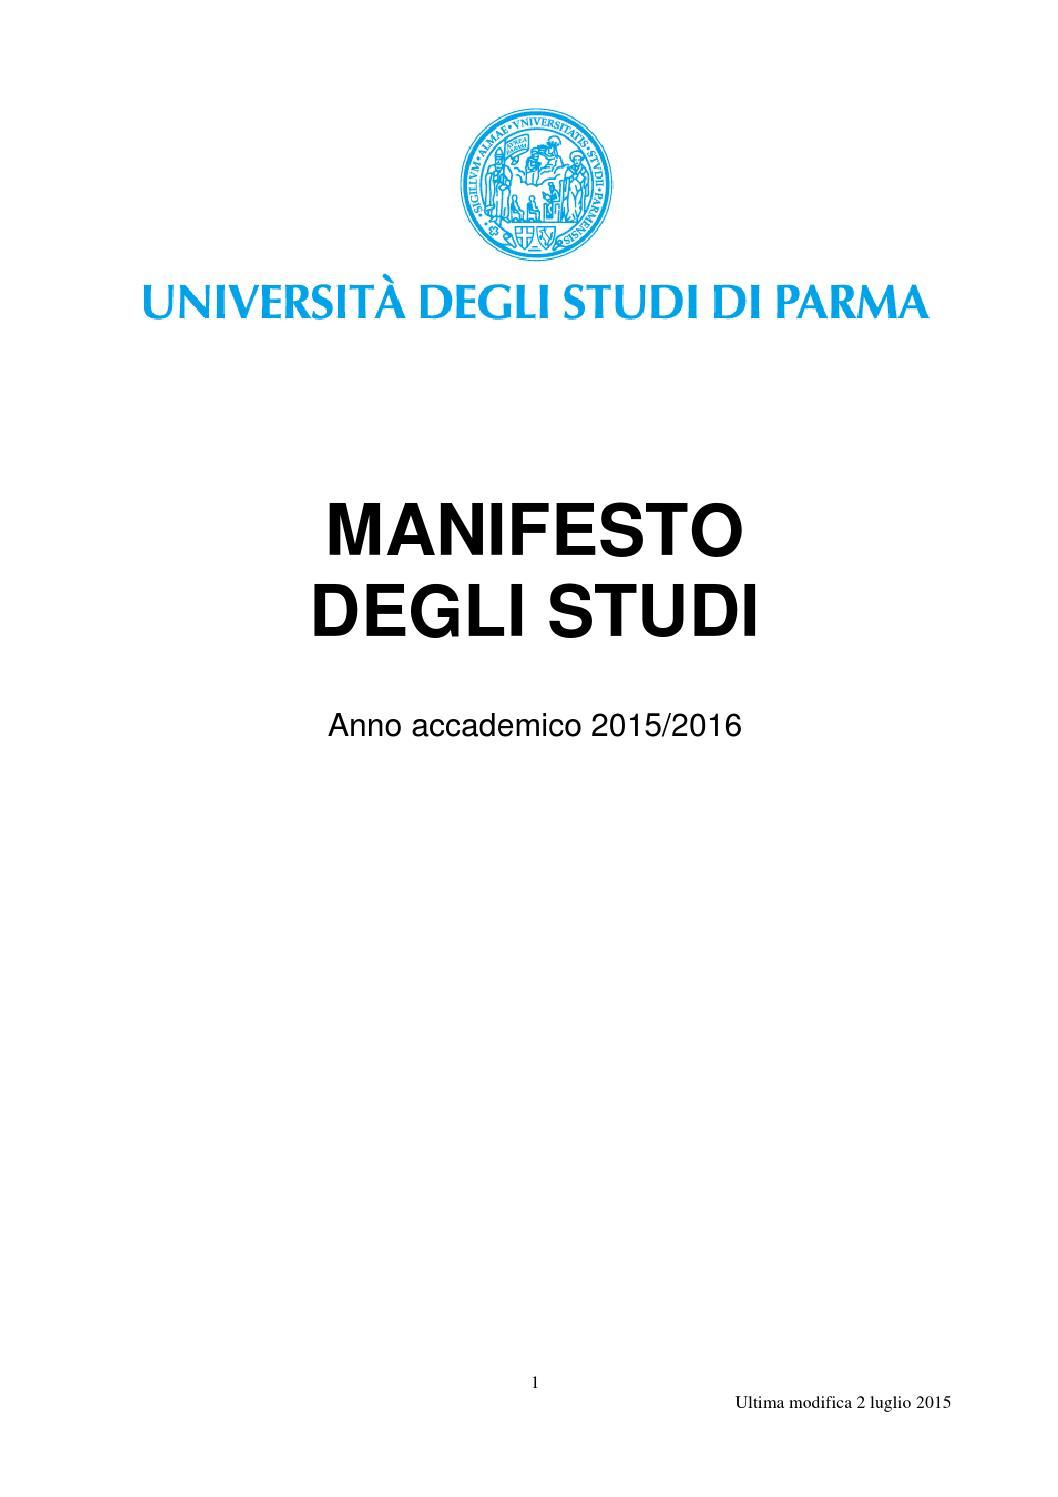 vendita calda reale catturare piuttosto fico Manifesto degli studi 2015-2016 dell'Universita di Parma by ...